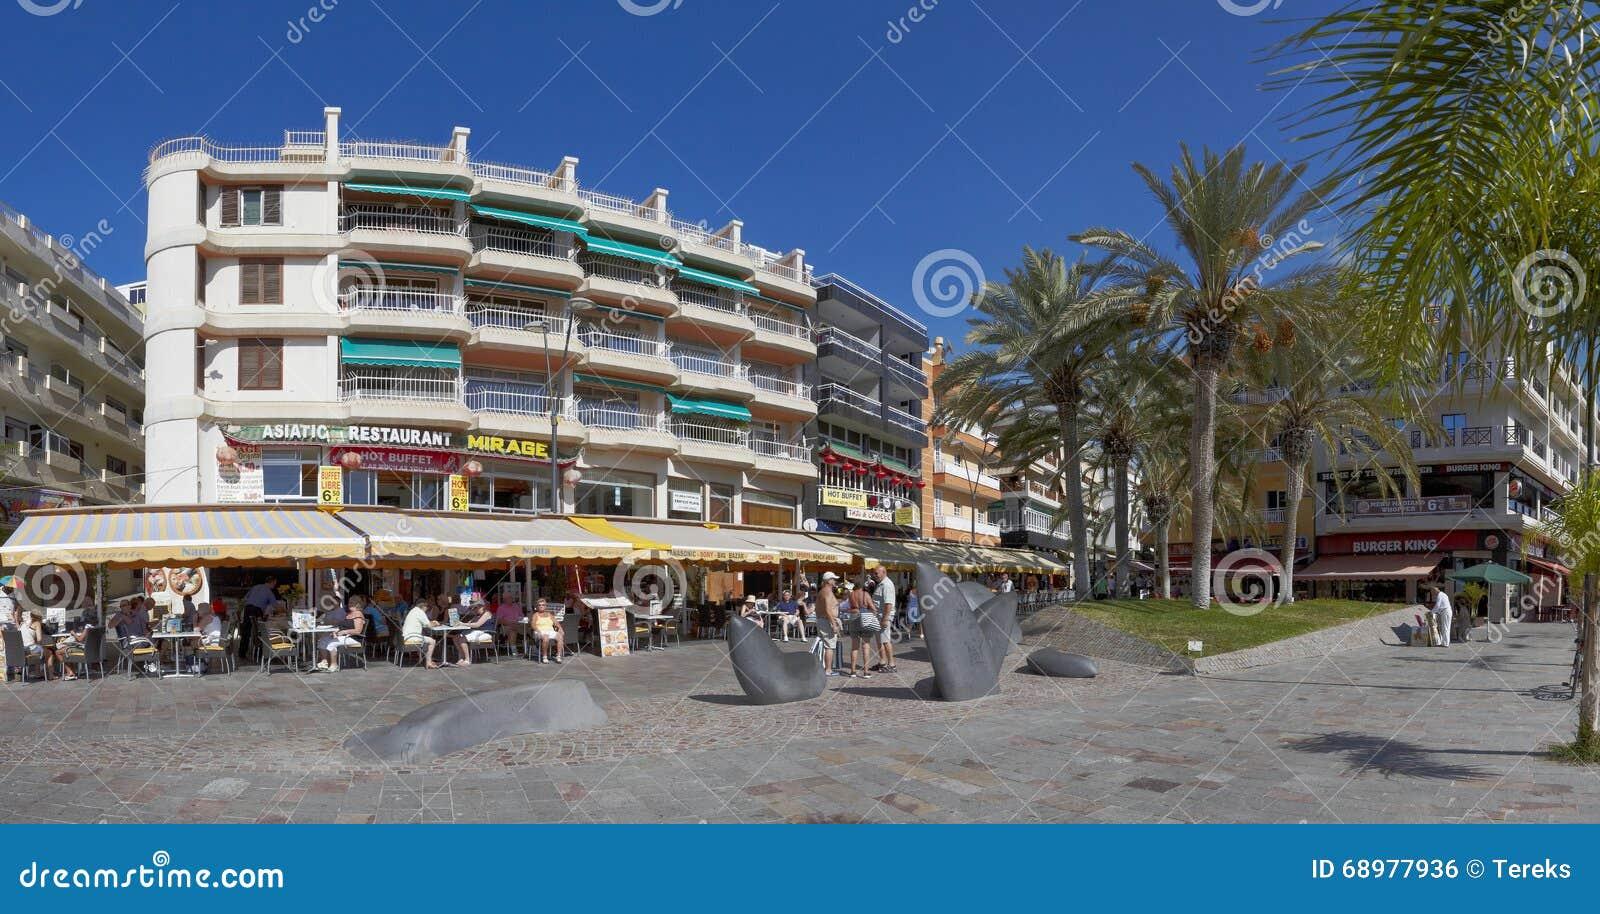 Calle si ciudad del Los Cristianos, Tenerife, islas Canarias, España